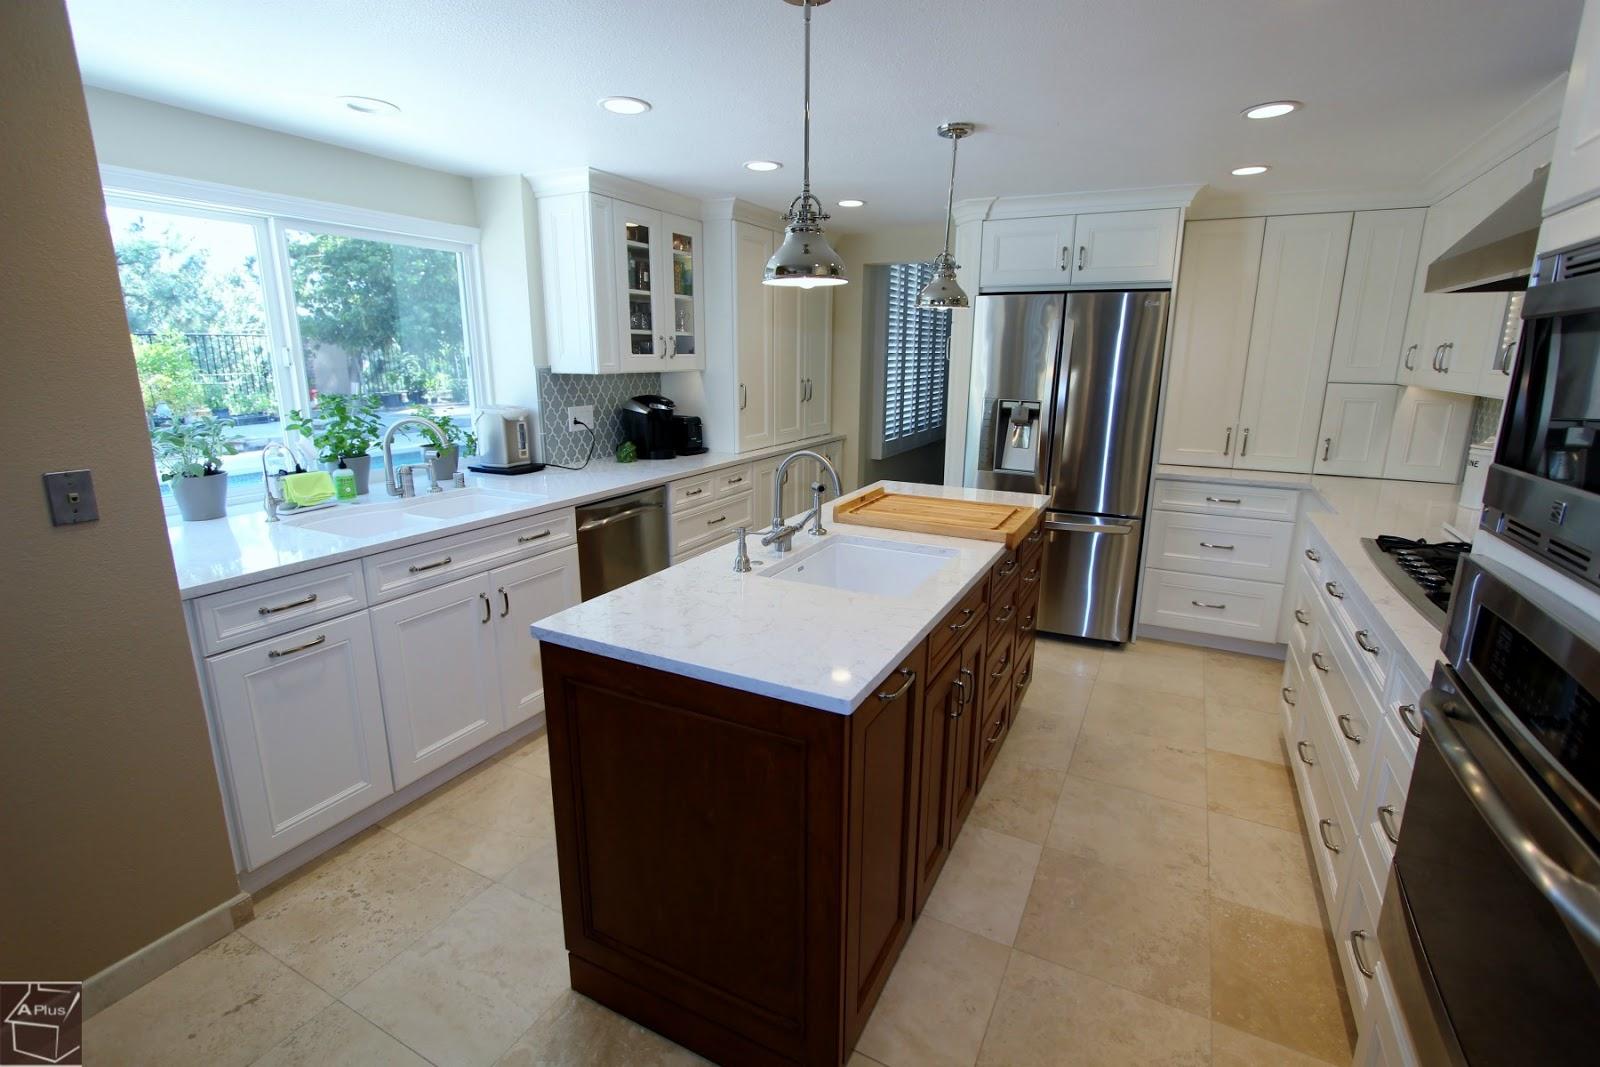 Anaheim Hills Complete Transitional Kitchen Remodel - Kitchen remodeling anaheim